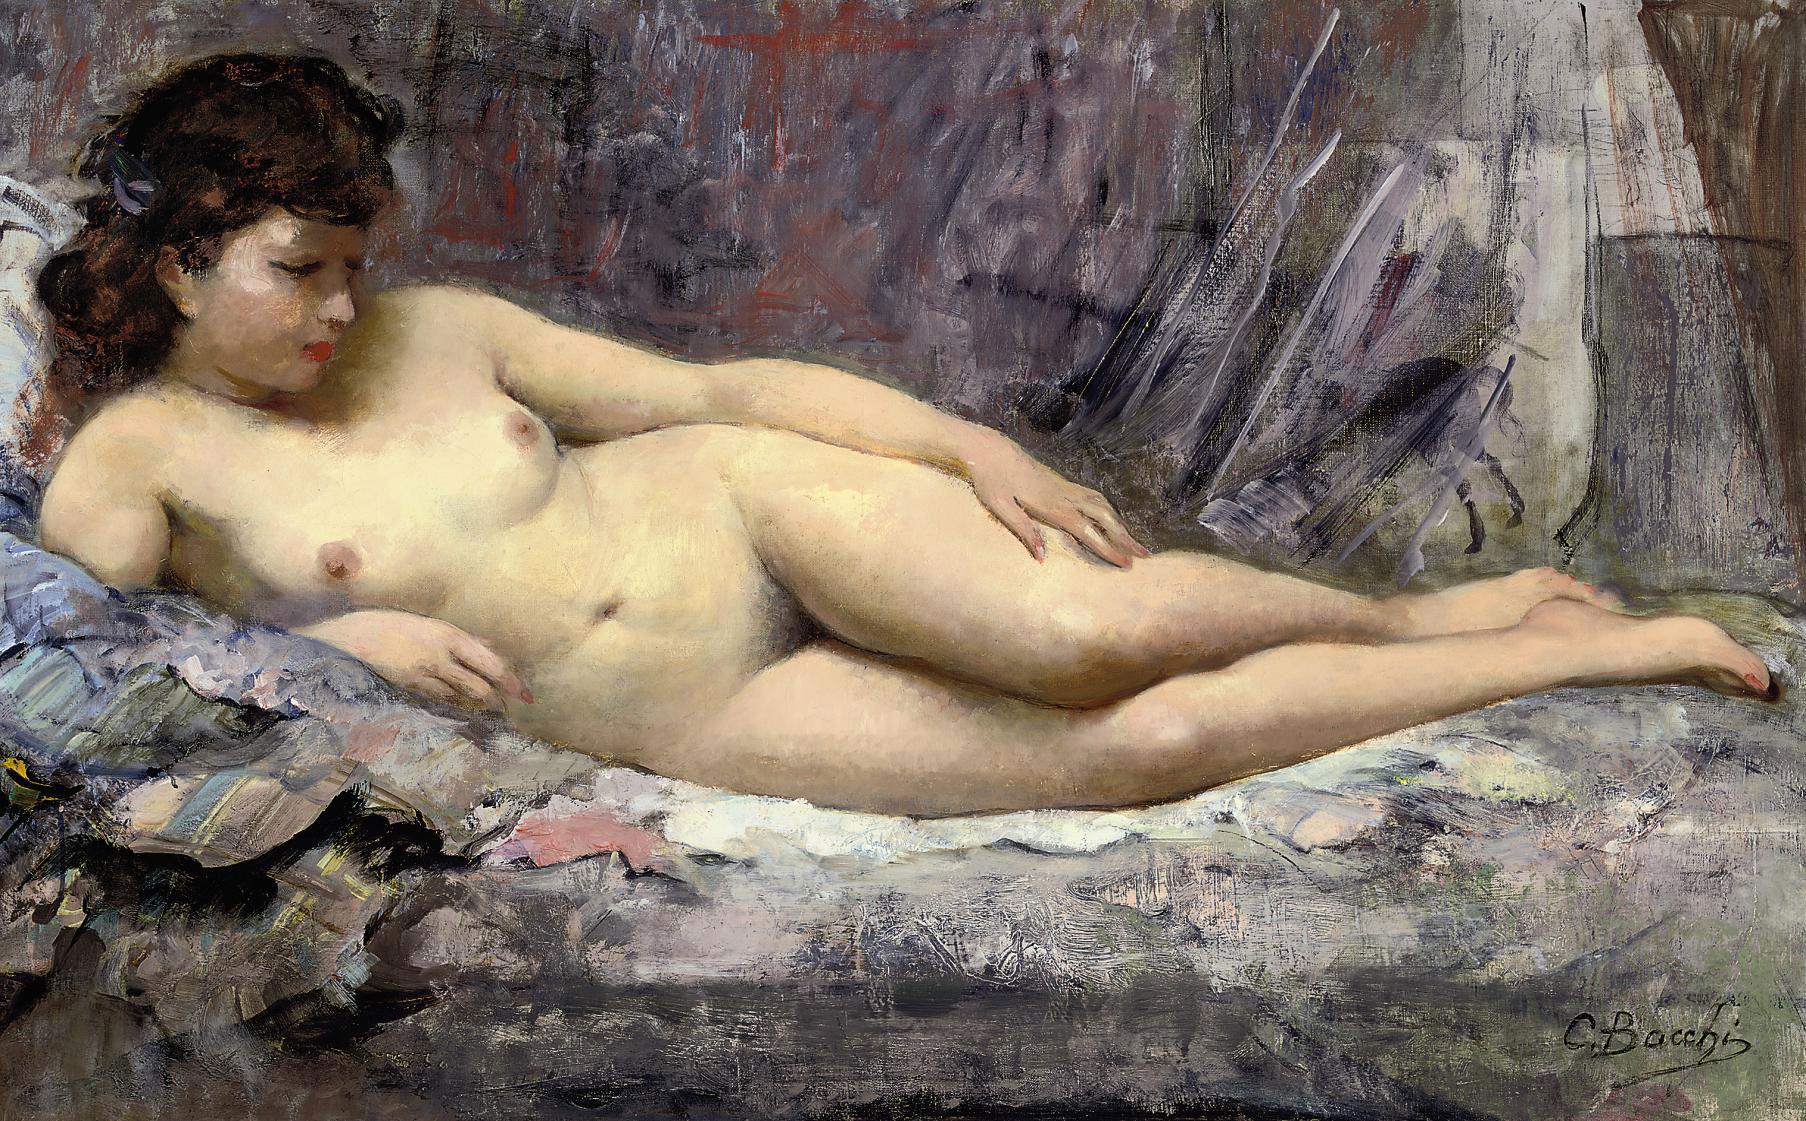 CESARE BACCHI (ITALIAN, 1881-1